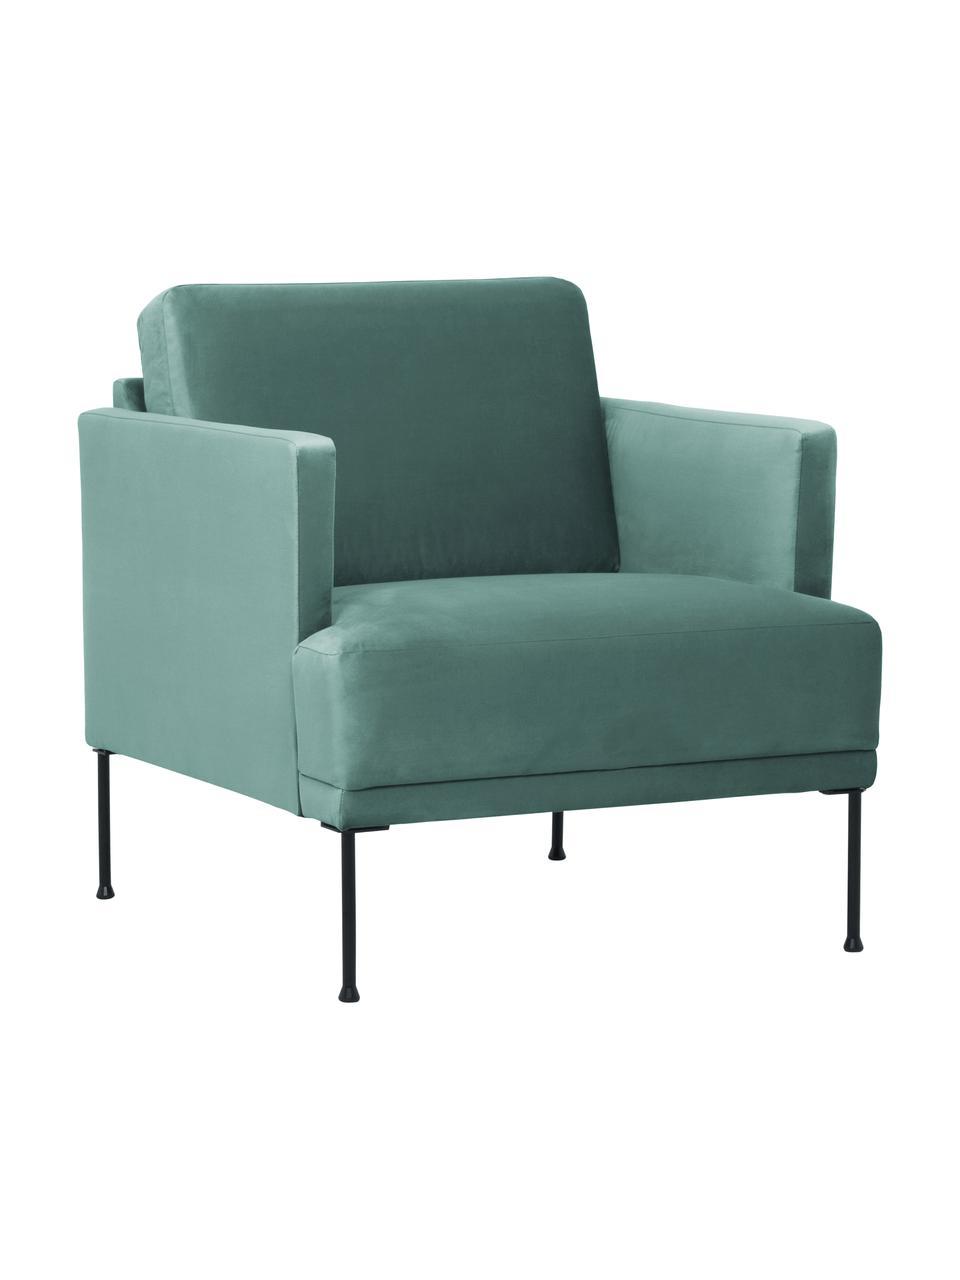 Samt-Sessel Fluente in Hellgrün mit Metall-Füßen, Bezug: Samt (Hochwertiger Polyes, Gestell: Massives Kiefernholz, Füße: Metall, pulverbeschichtet, Samt Hellgrün, B 74 x T 85 cm